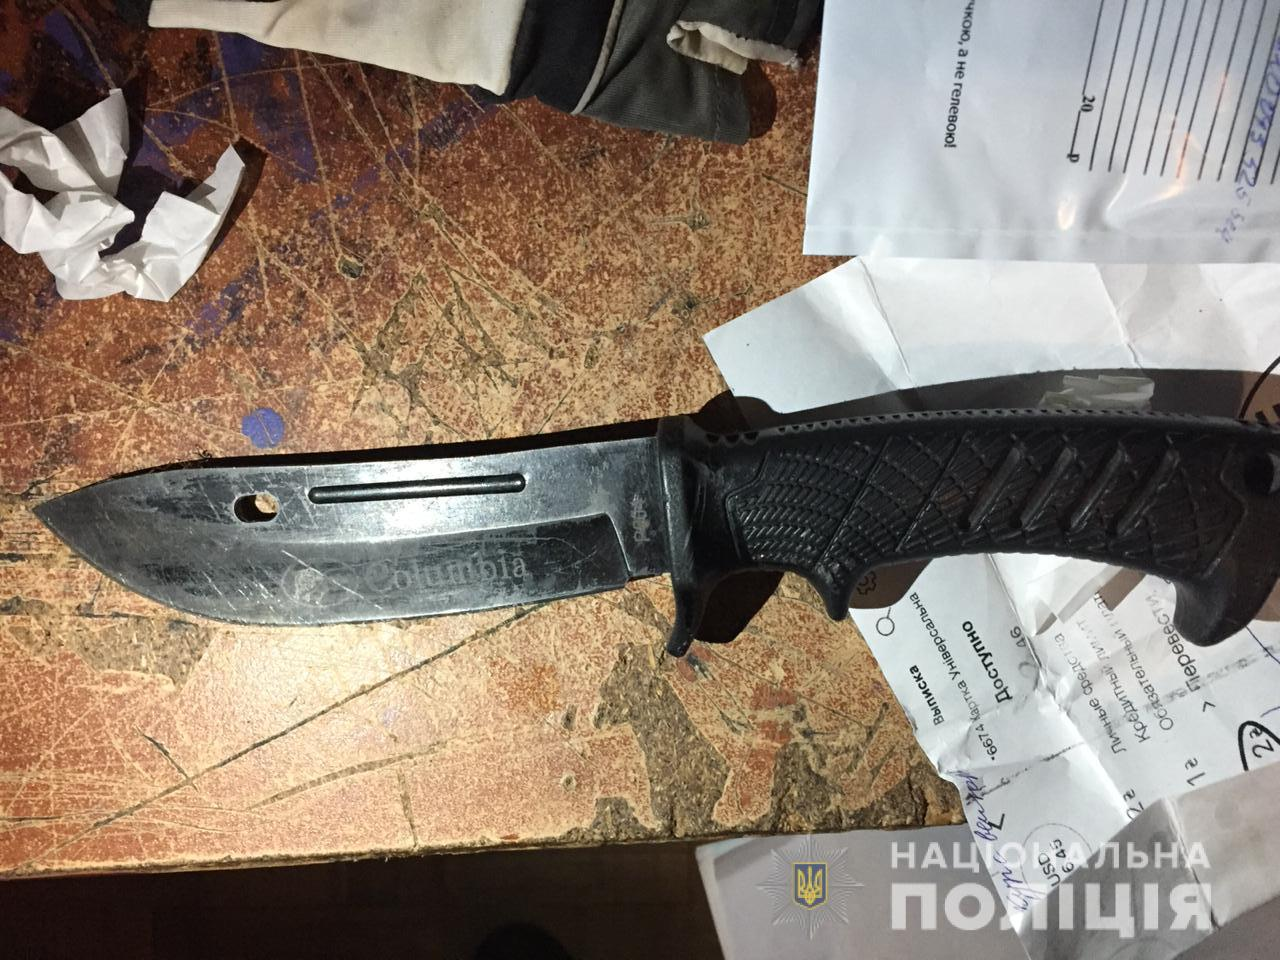 Irp-2-rozb-nap-1 В Ірпені наркоман вчинив два озброєні напади на жінок протягом години